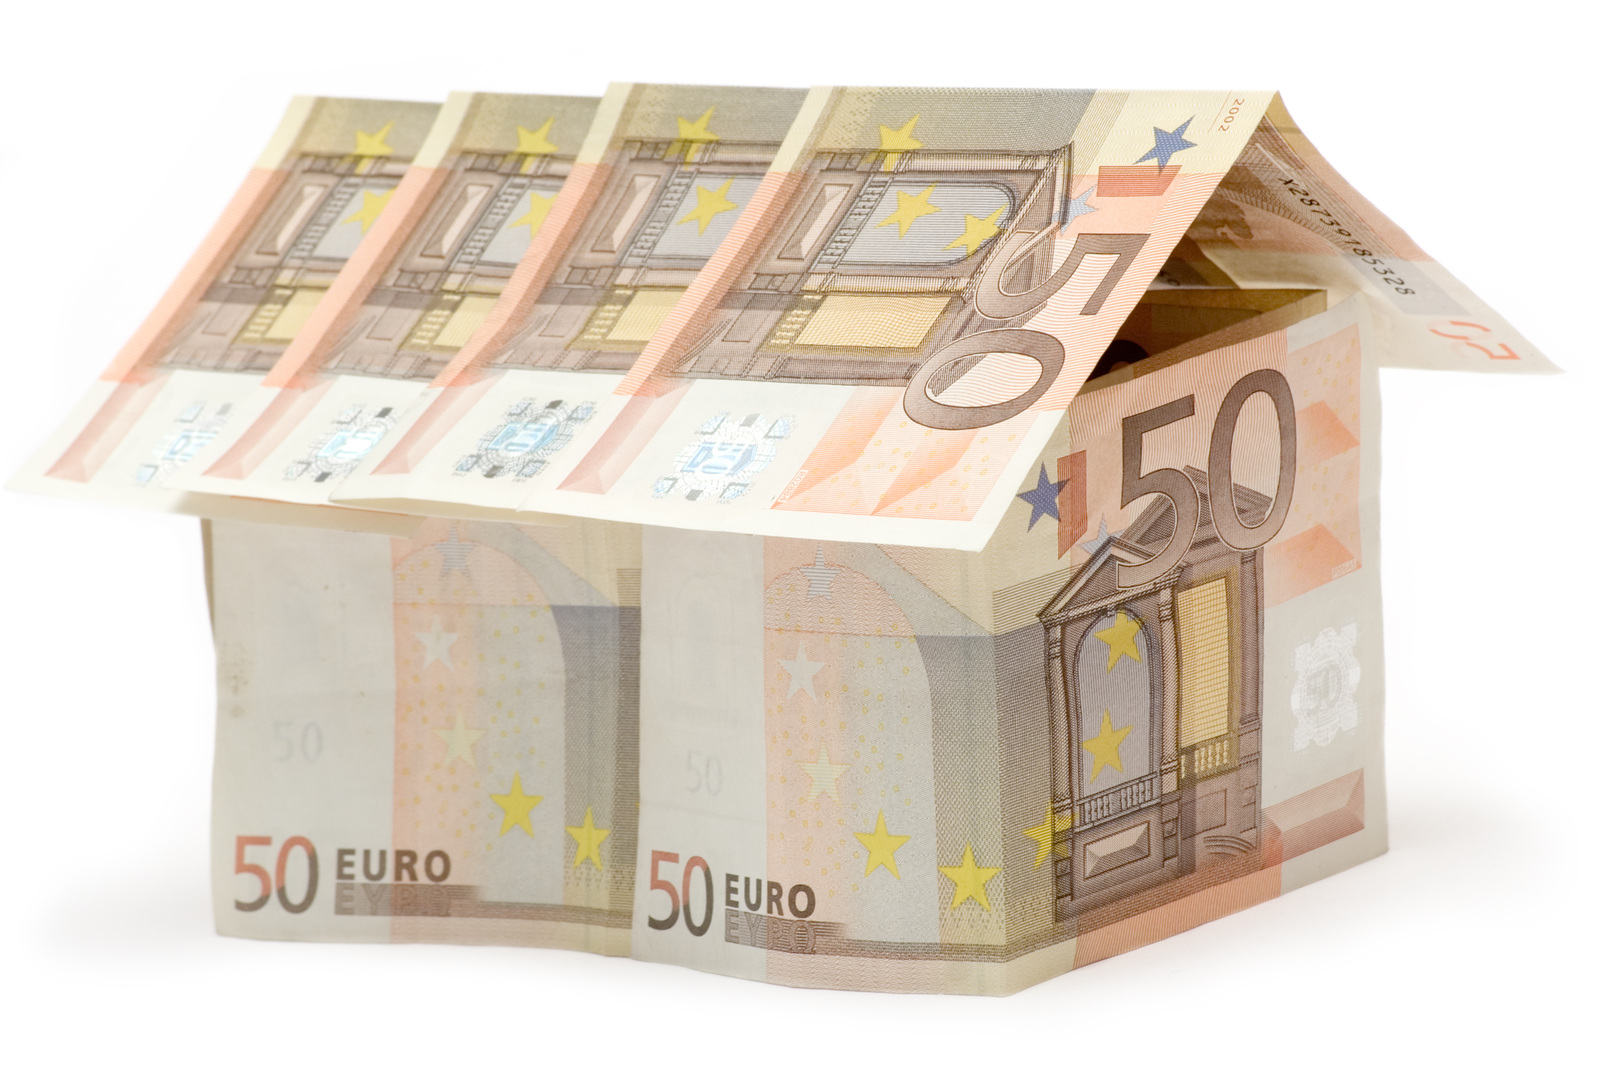 2020-08: Baupreisindex stagniert durch MwSt-Senkung | TGA ...